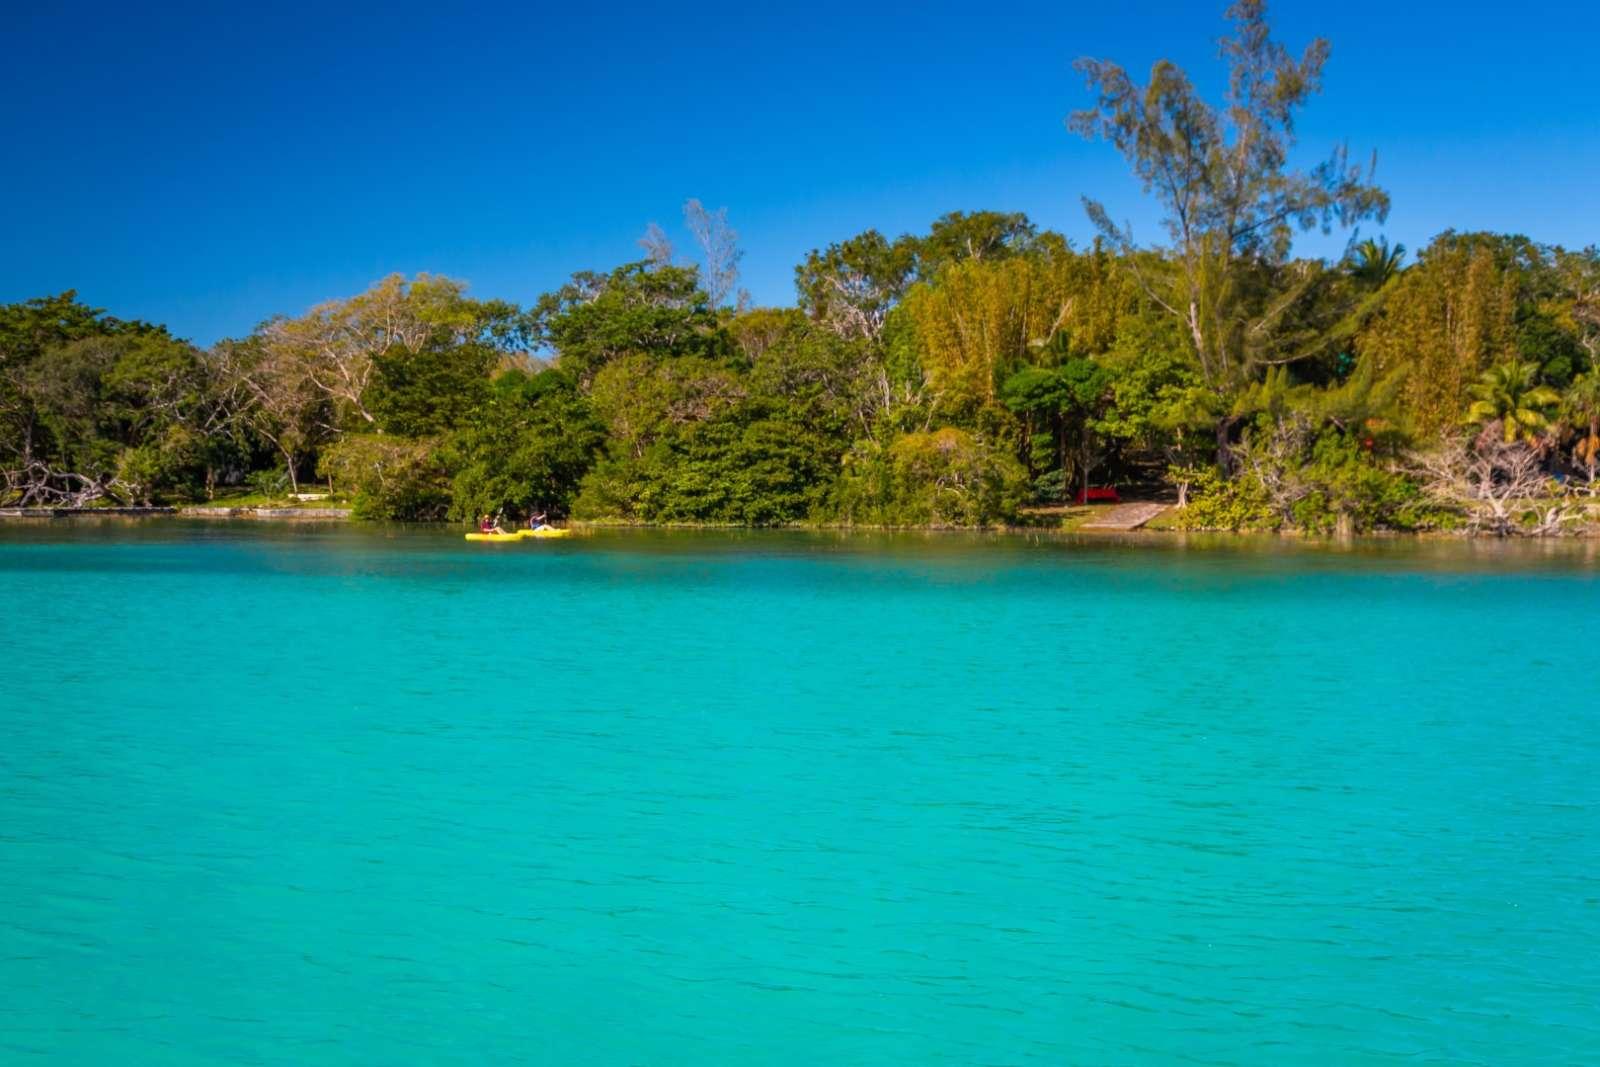 Two distant kayaks on Laguna Bacalar